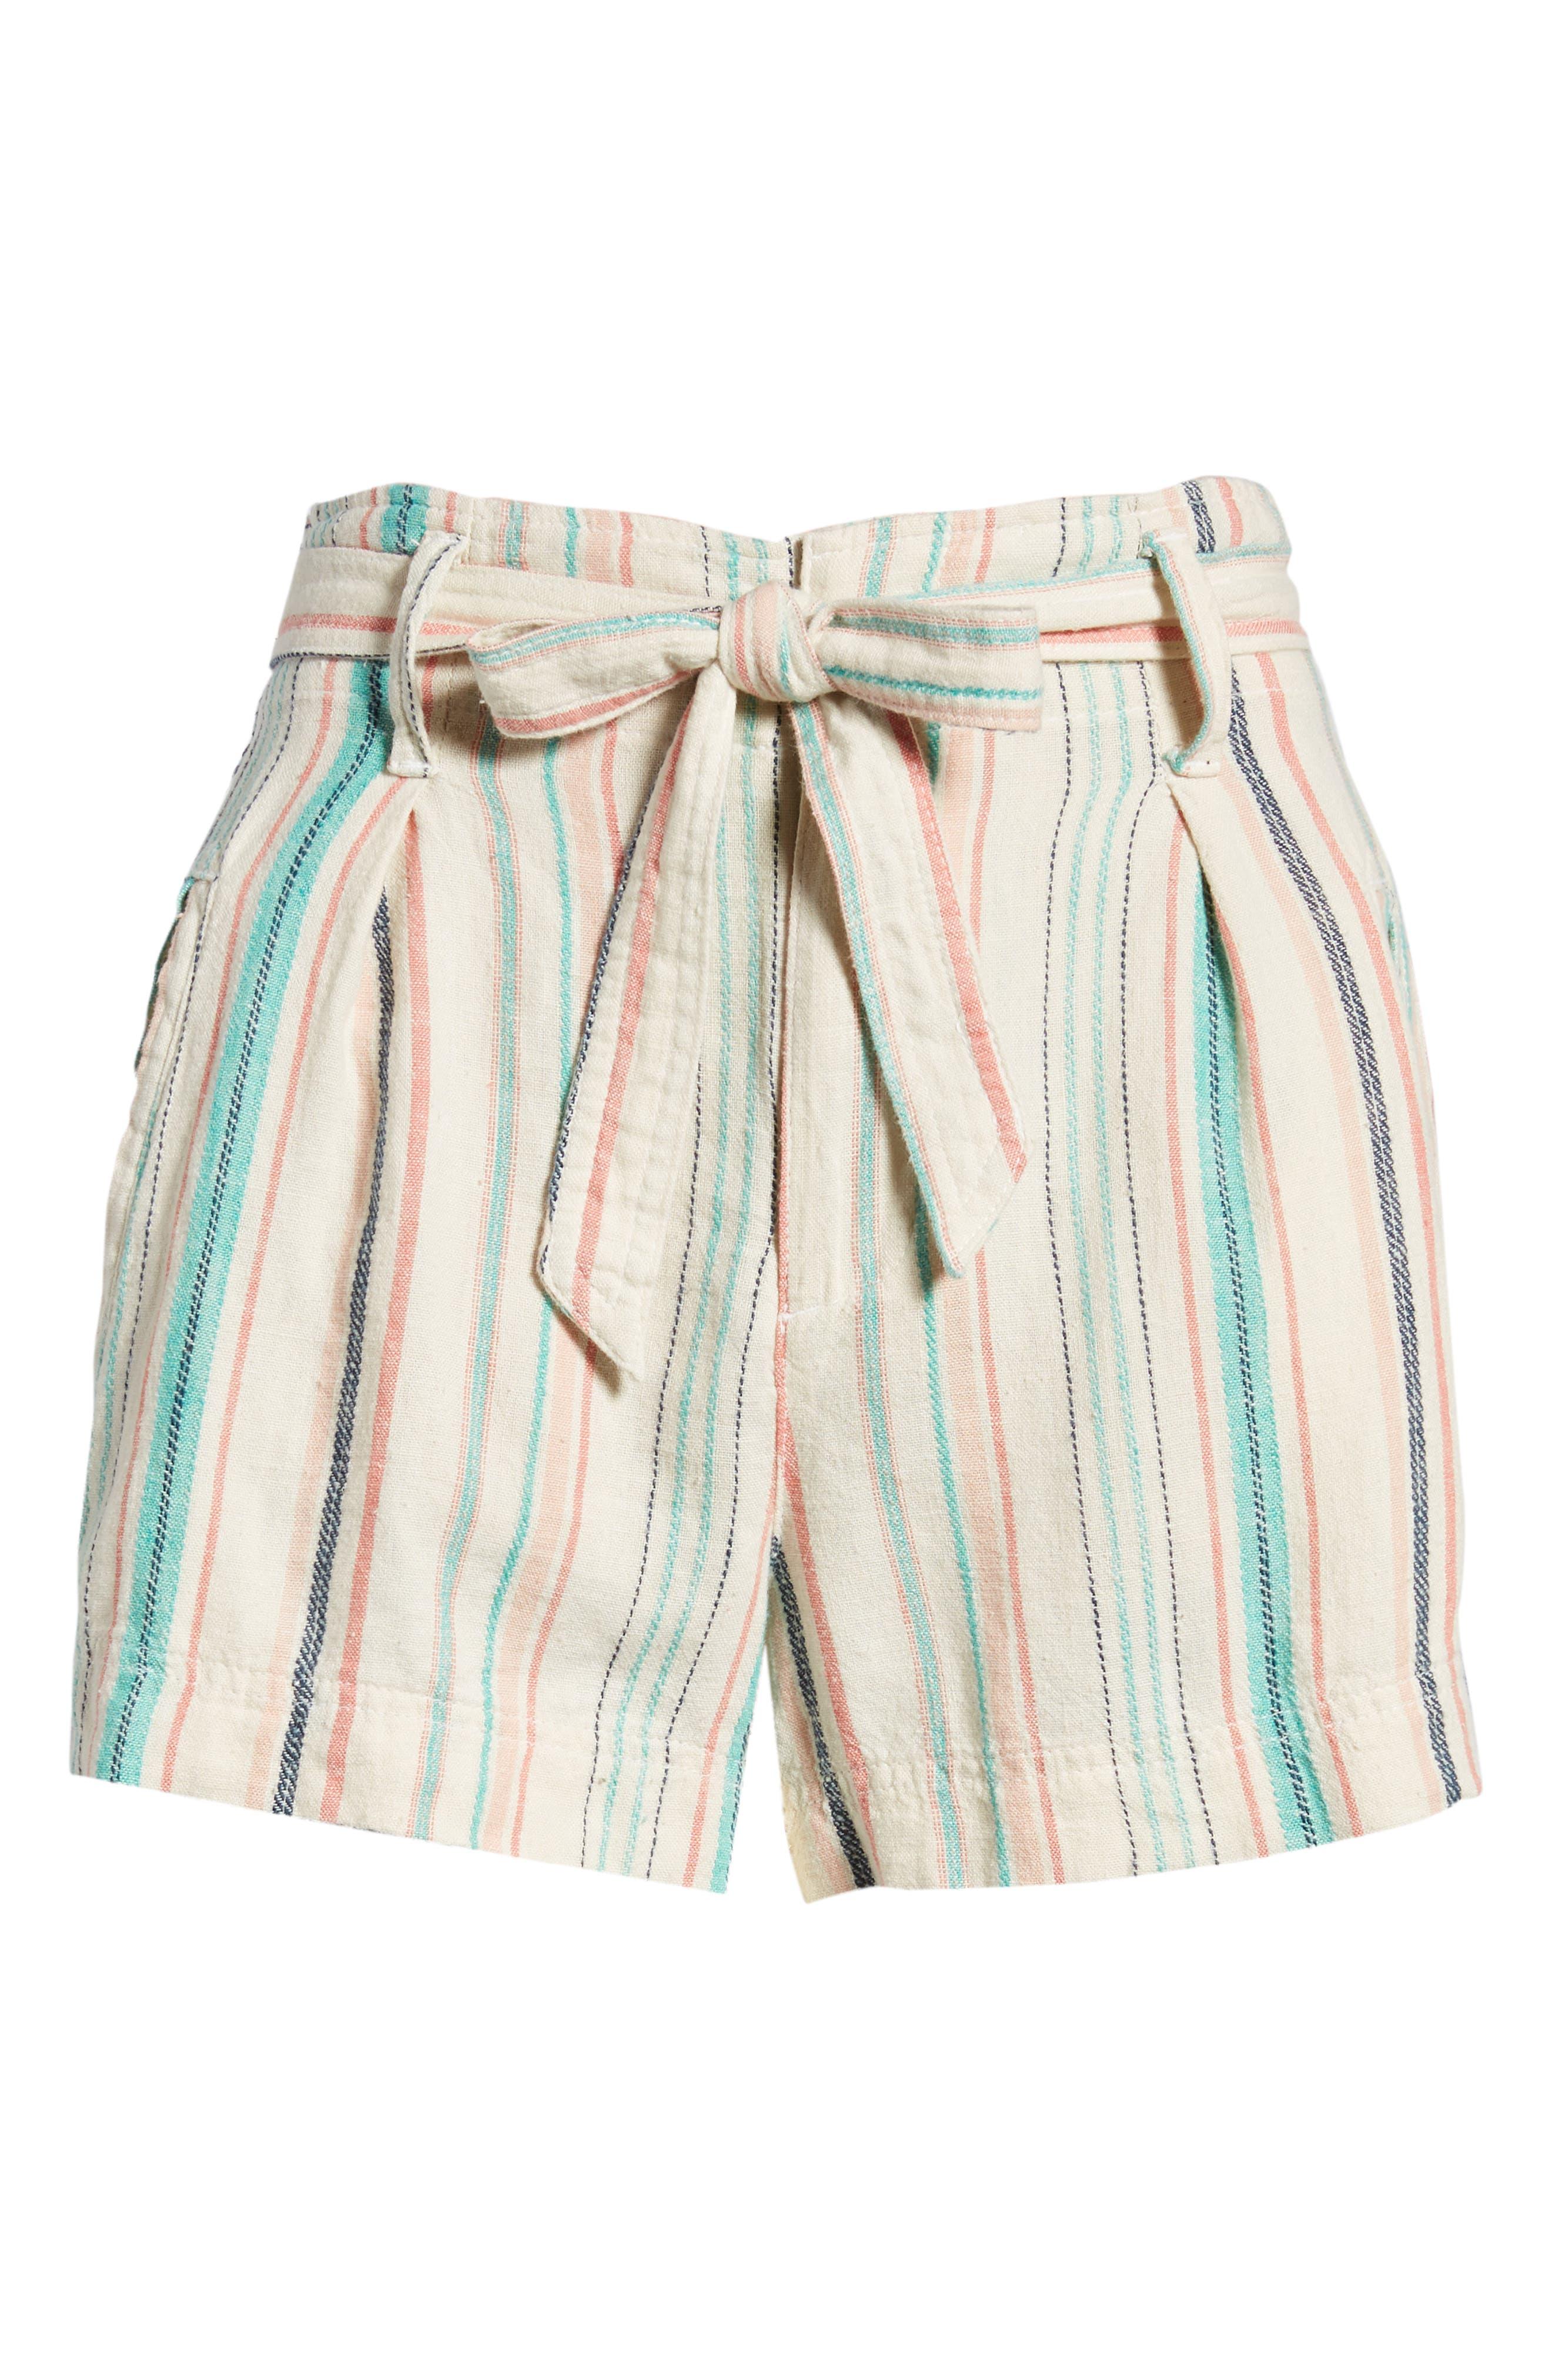 La Paz Stripe Twill Shorts,                             Alternate thumbnail 6, color,                             Multi